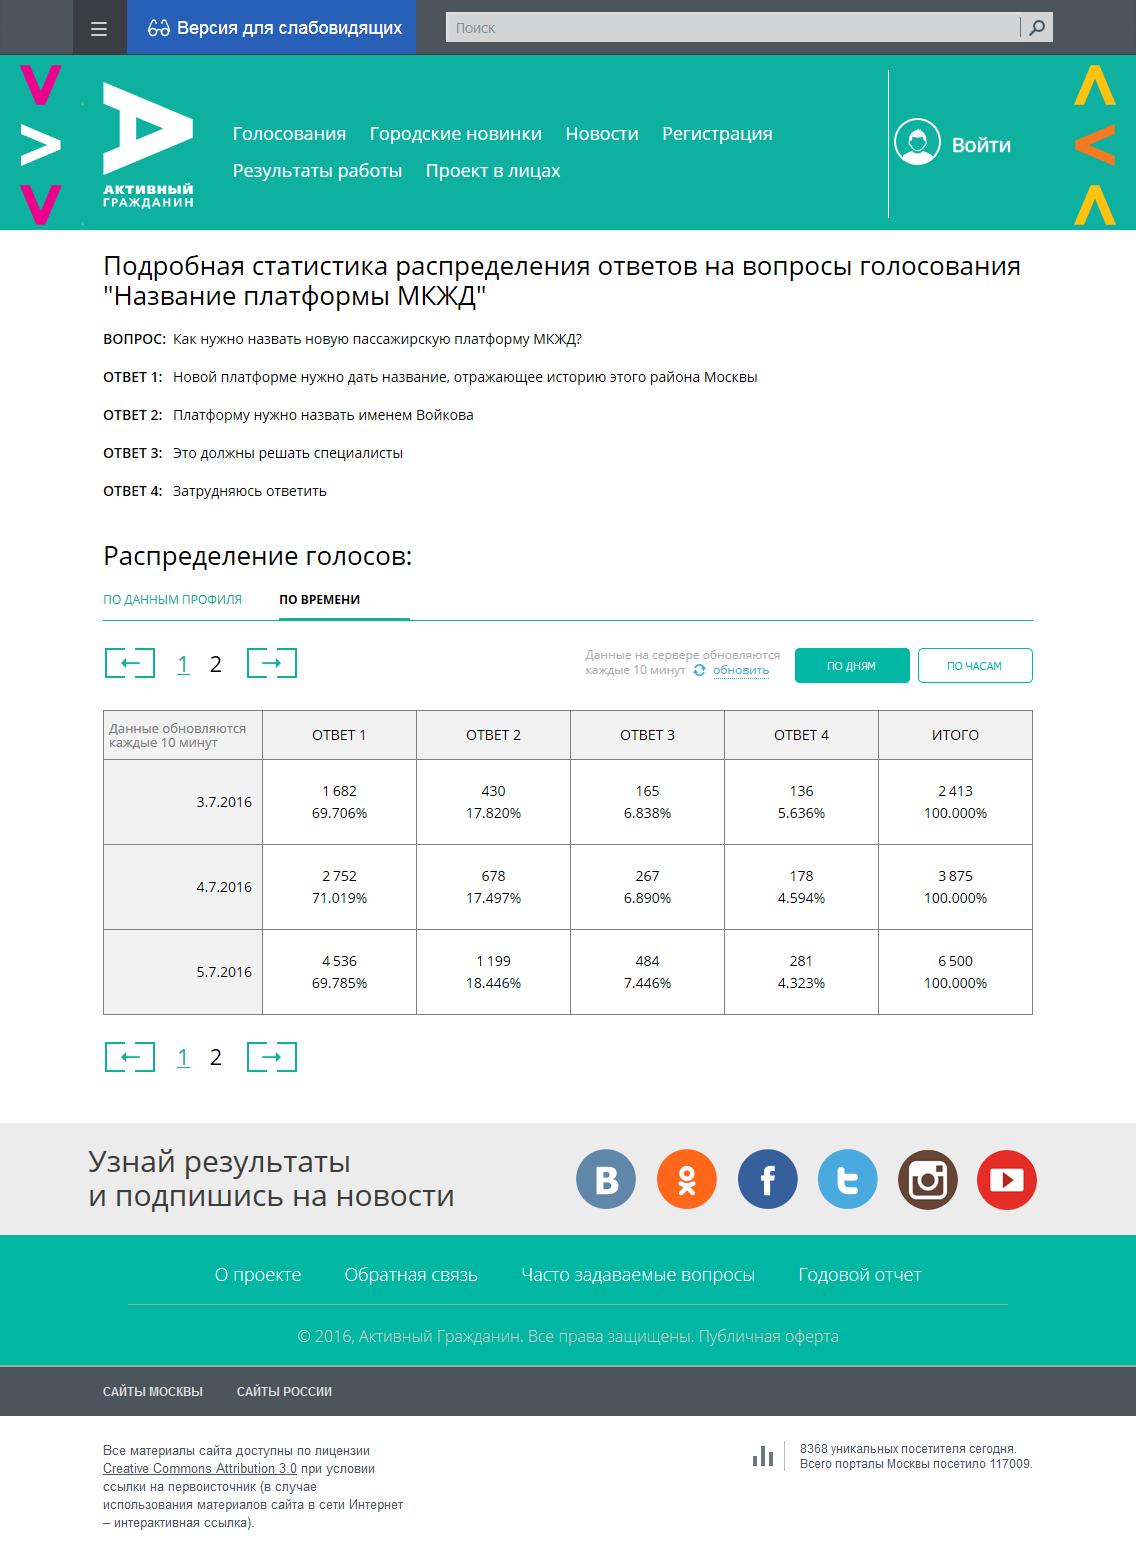 Подробная статистика распределения ответов на вопросы голосования «Название платформы МКЖД»